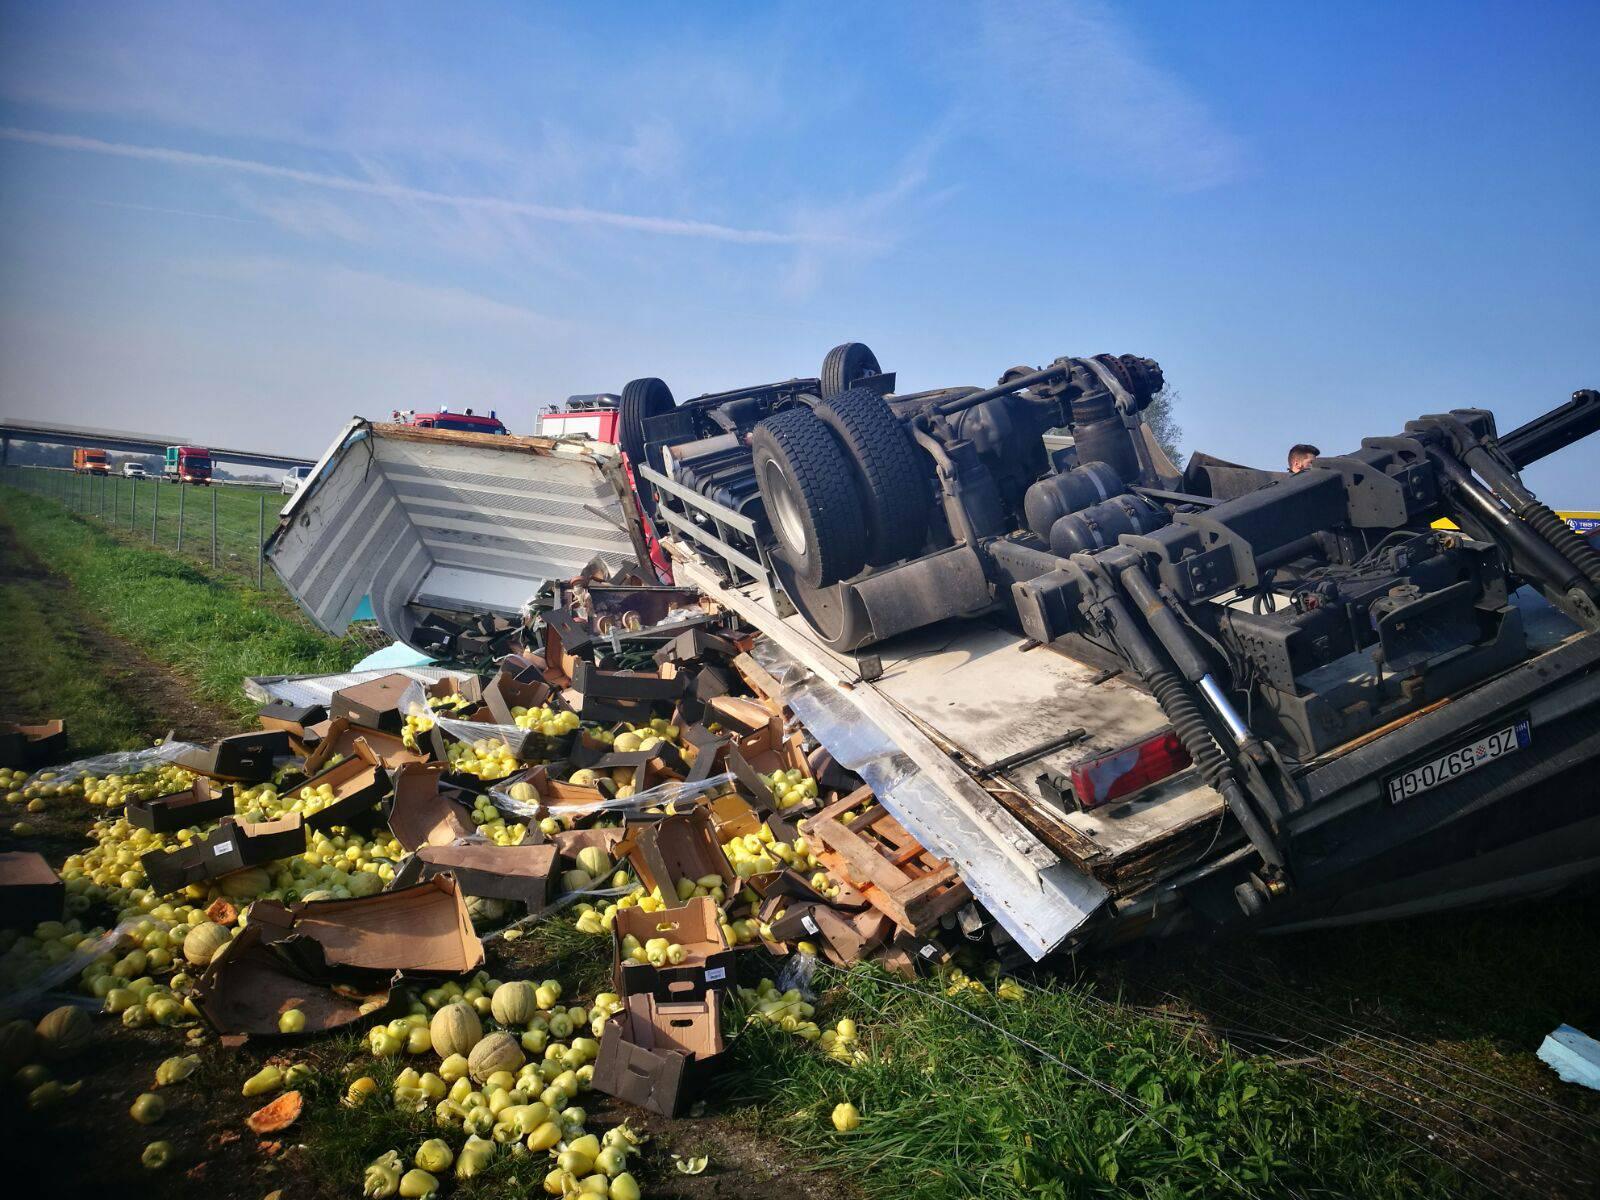 Vozač ozlijeđen: Sletio s ceste, iz kamiona ispalo voće i povrće